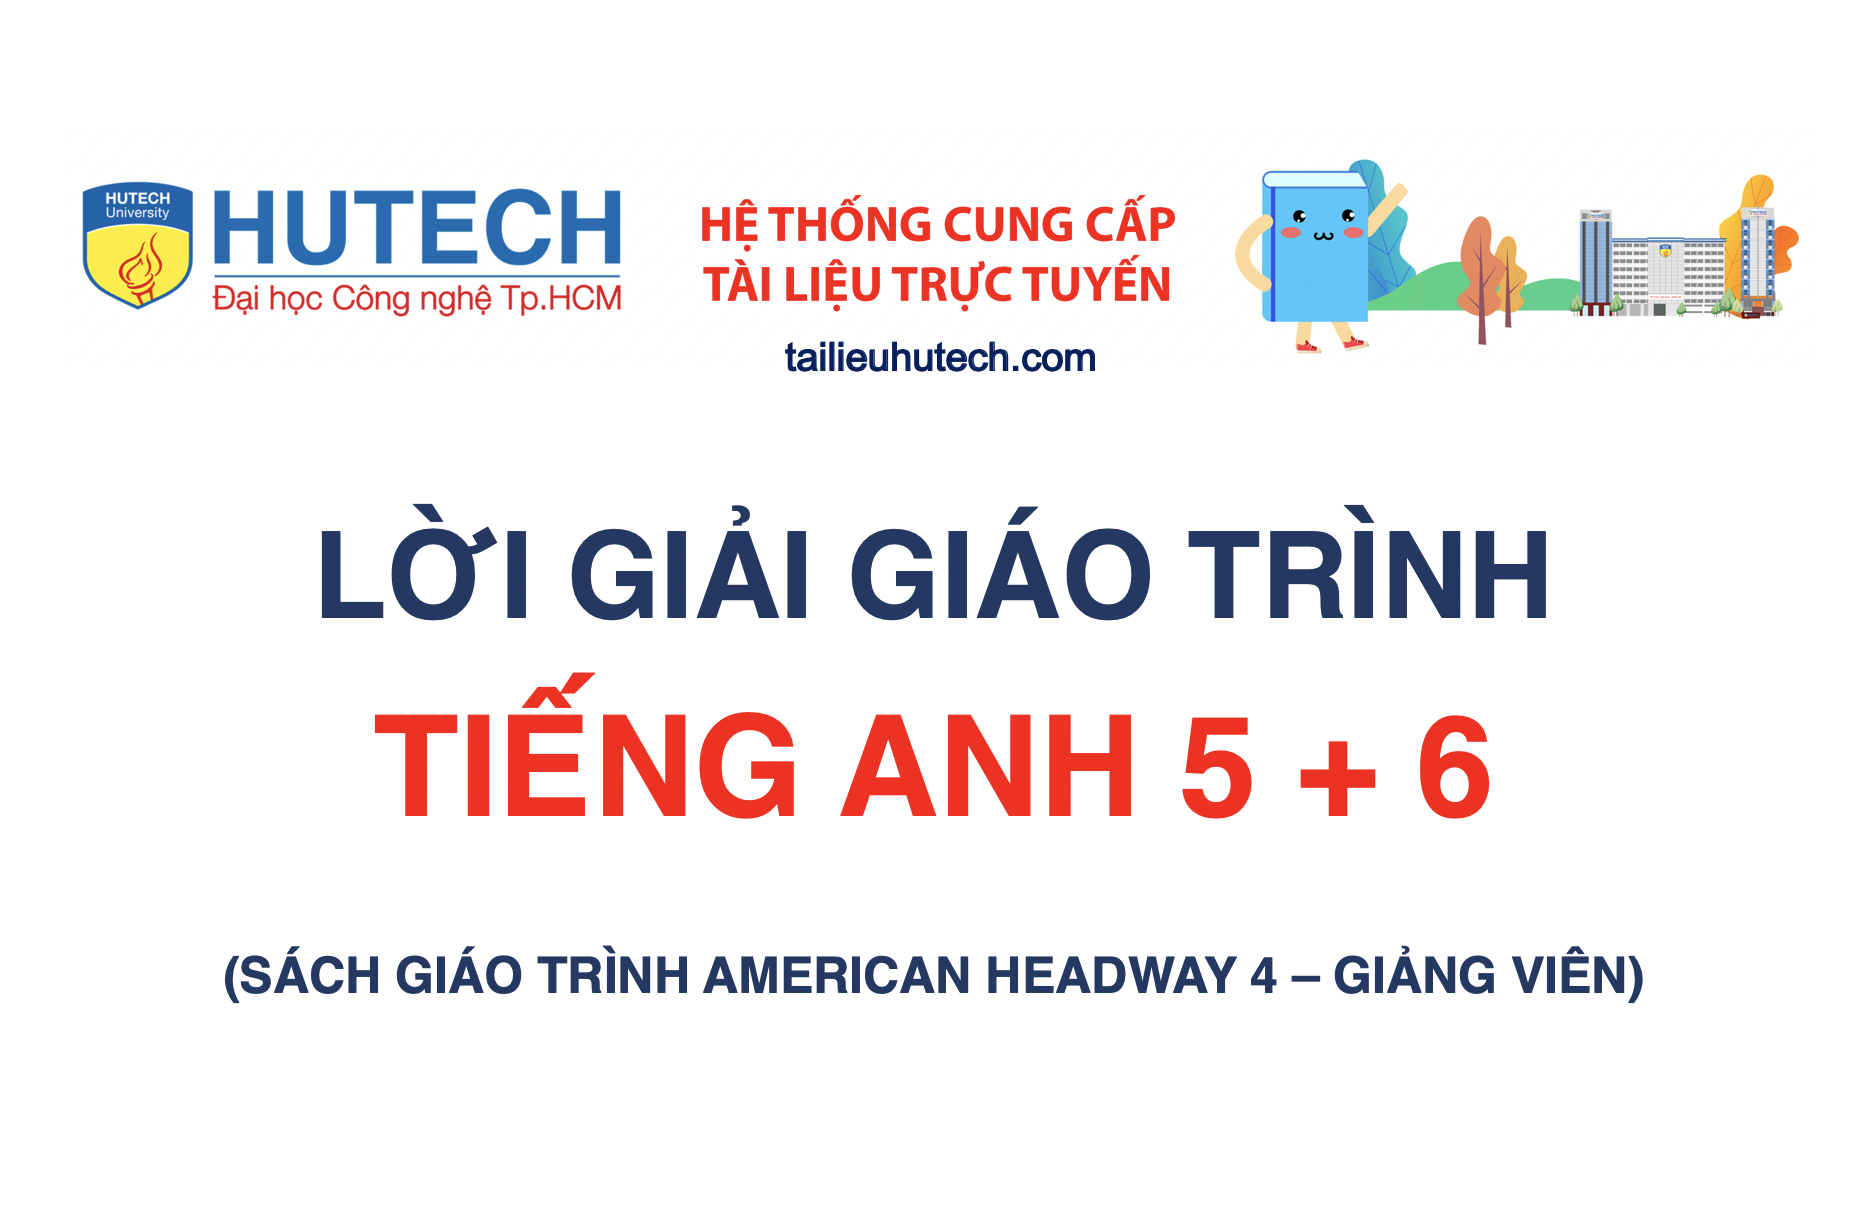 [Lời giải Giáo trình] Tiếng Anh 5 + 6 (American Headway)